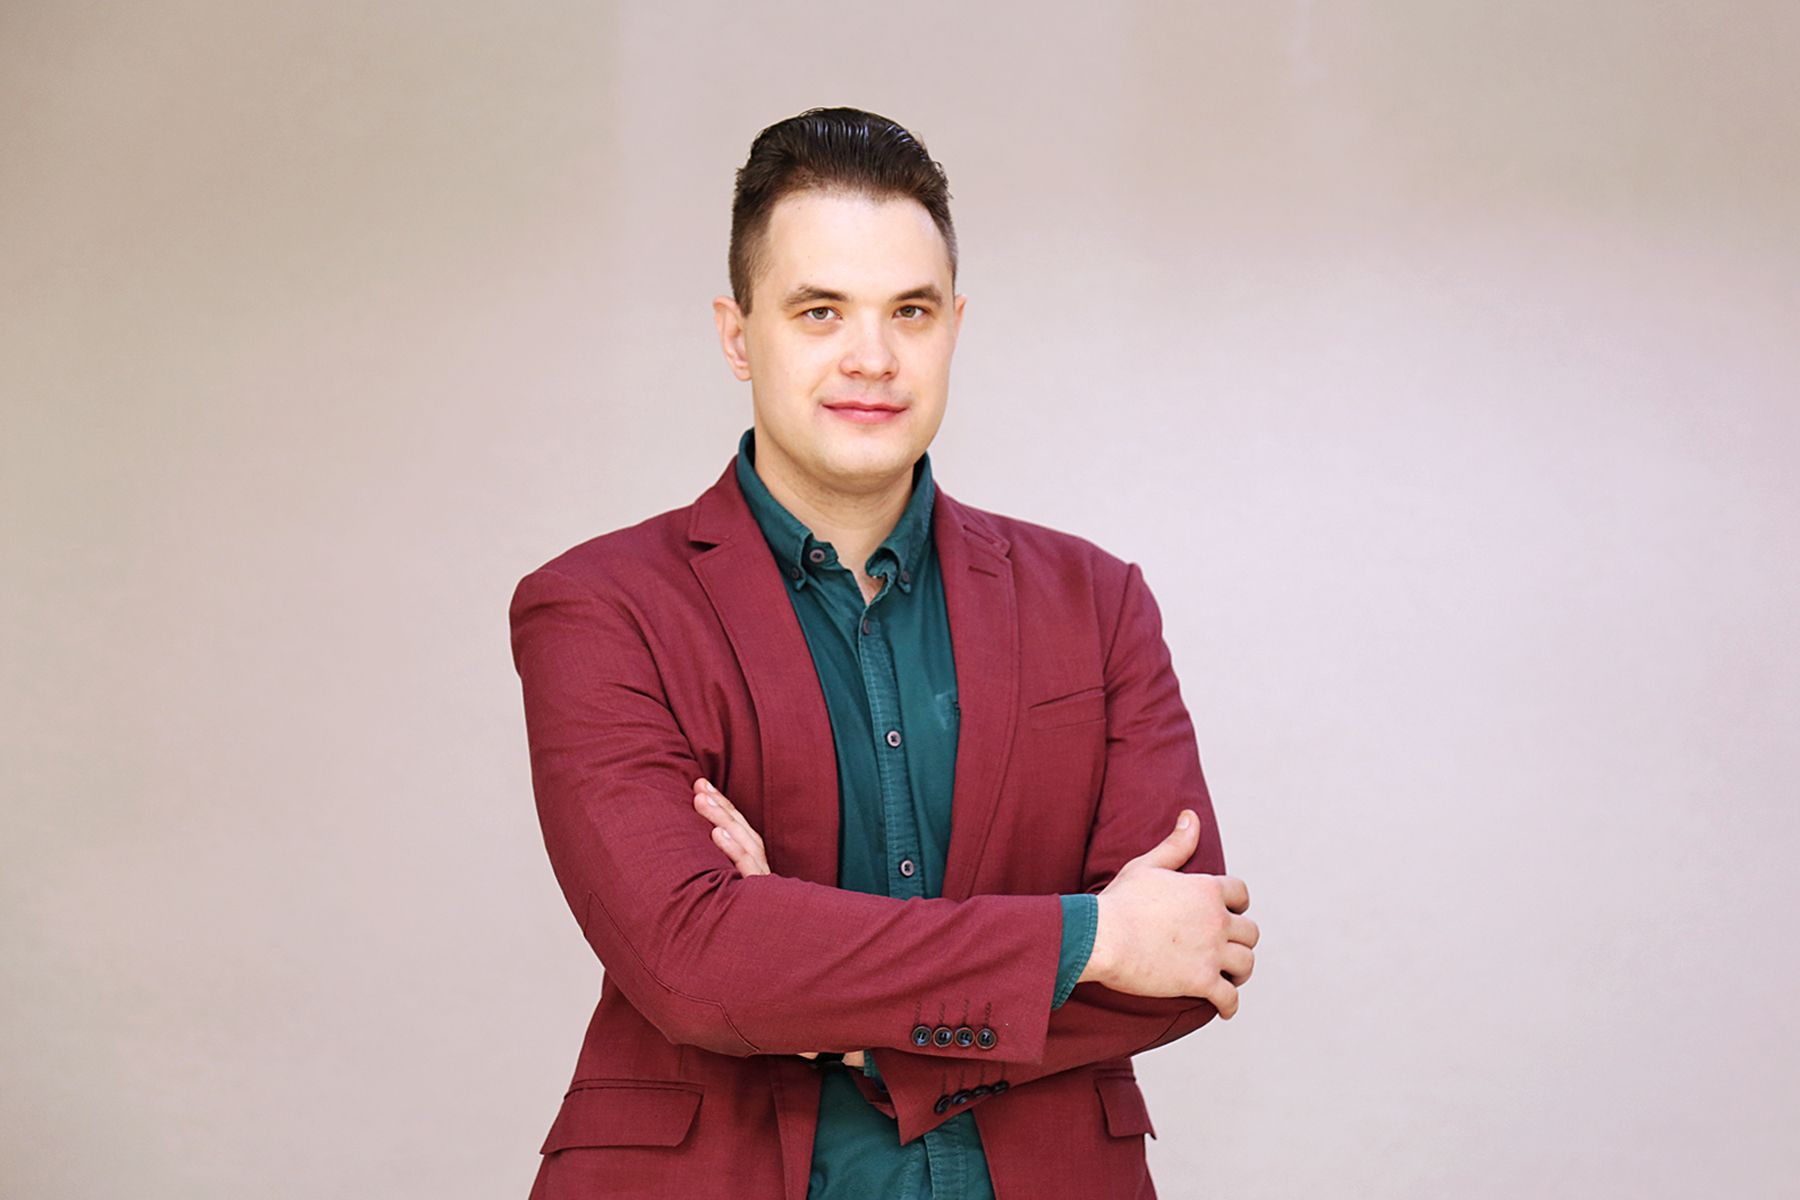 Поздравляем Владимира Шибаева c успешной защитой диссертации на соискание ученой степени кандидата наук